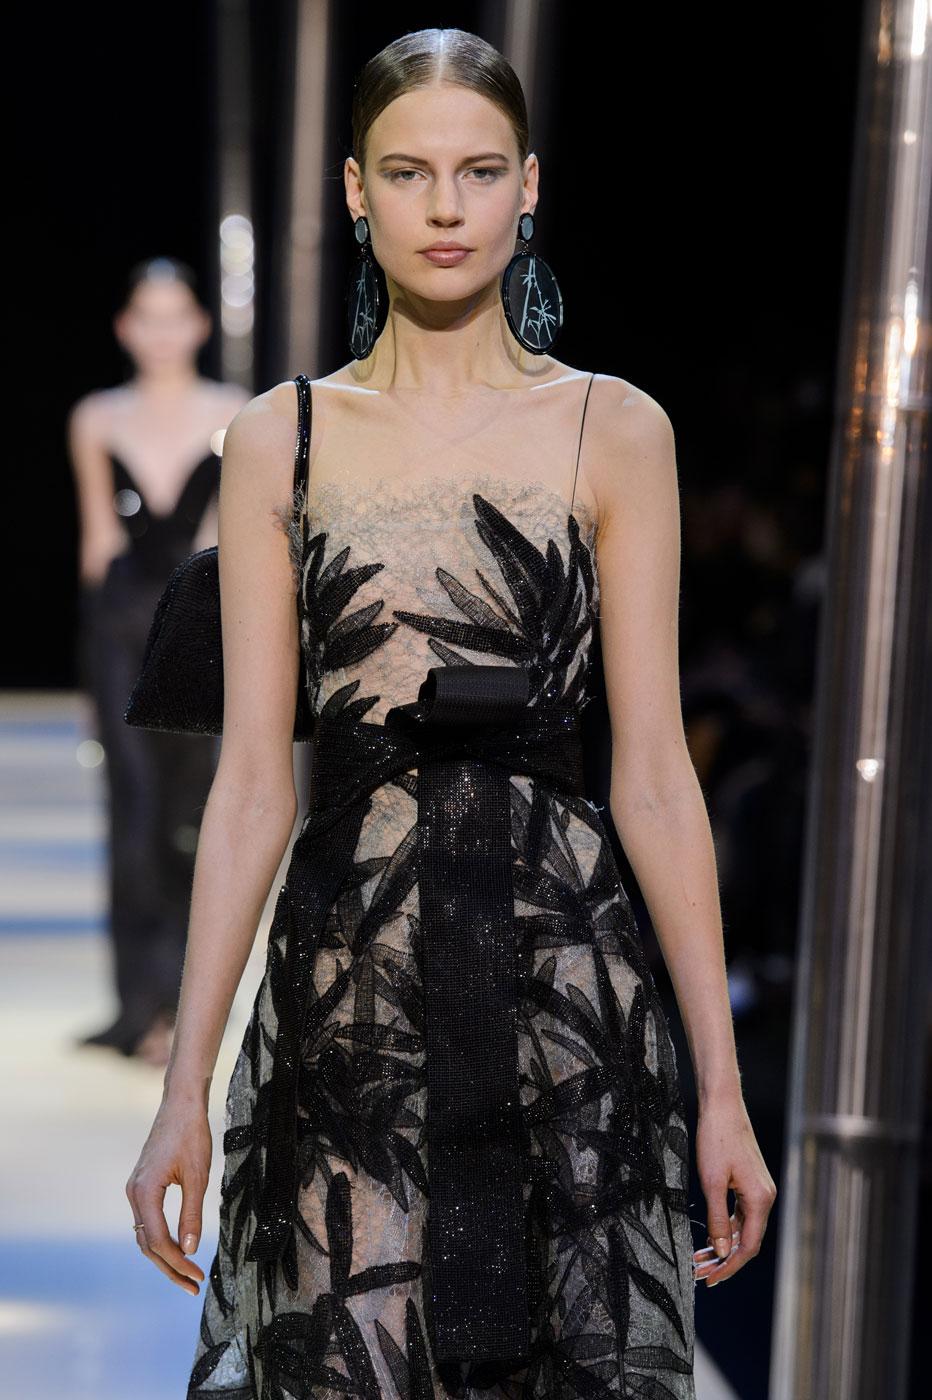 Giorgio-armani-Prive-fashion-runway-show-haute-couture-paris-spring-2015-the-impression-106